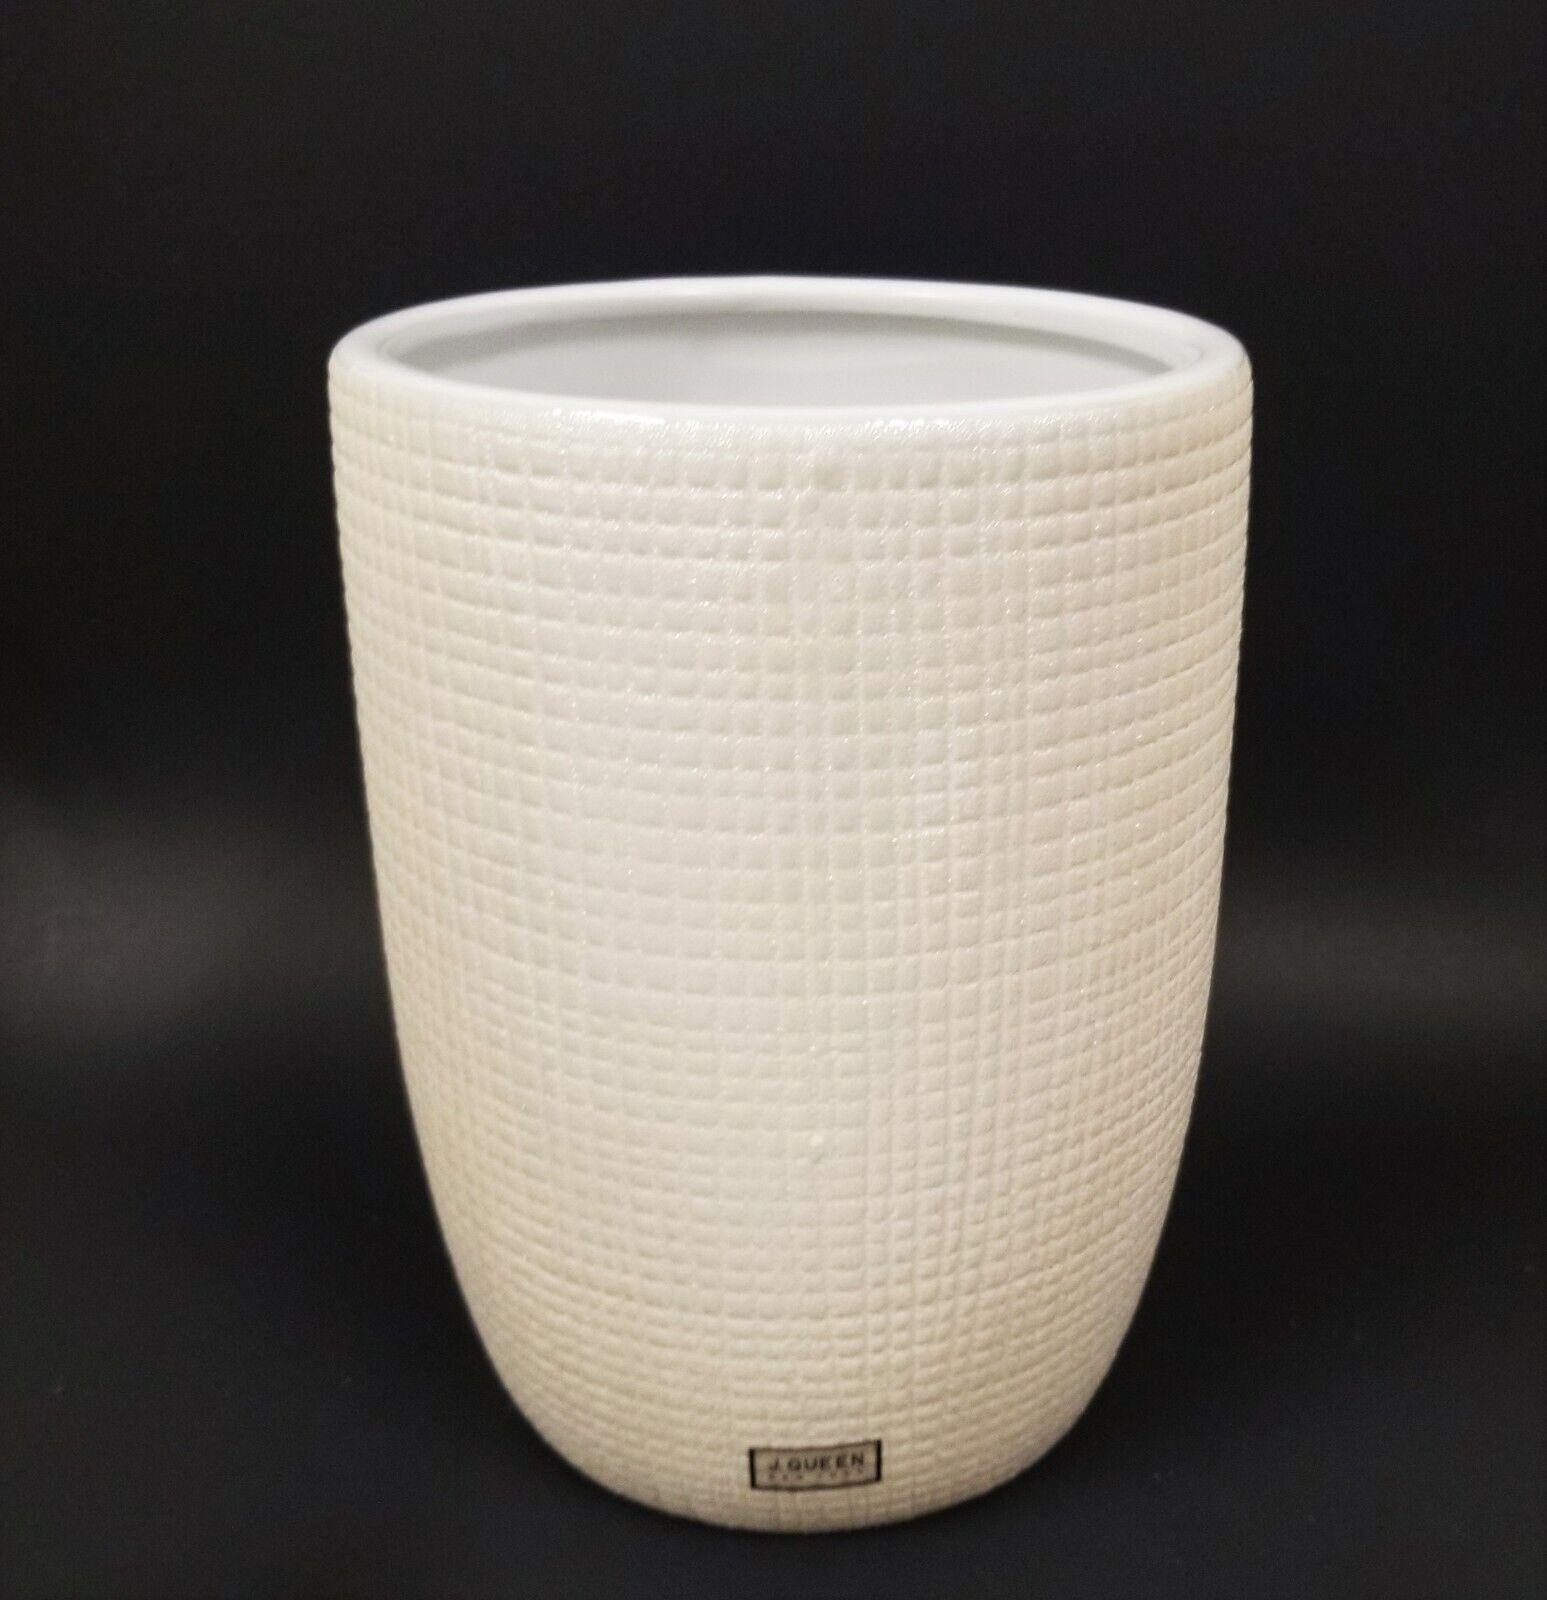 Neuf J. Queen Perle Ivoire, Blanc Cassé 3D Texture Céramique Trash Canette,